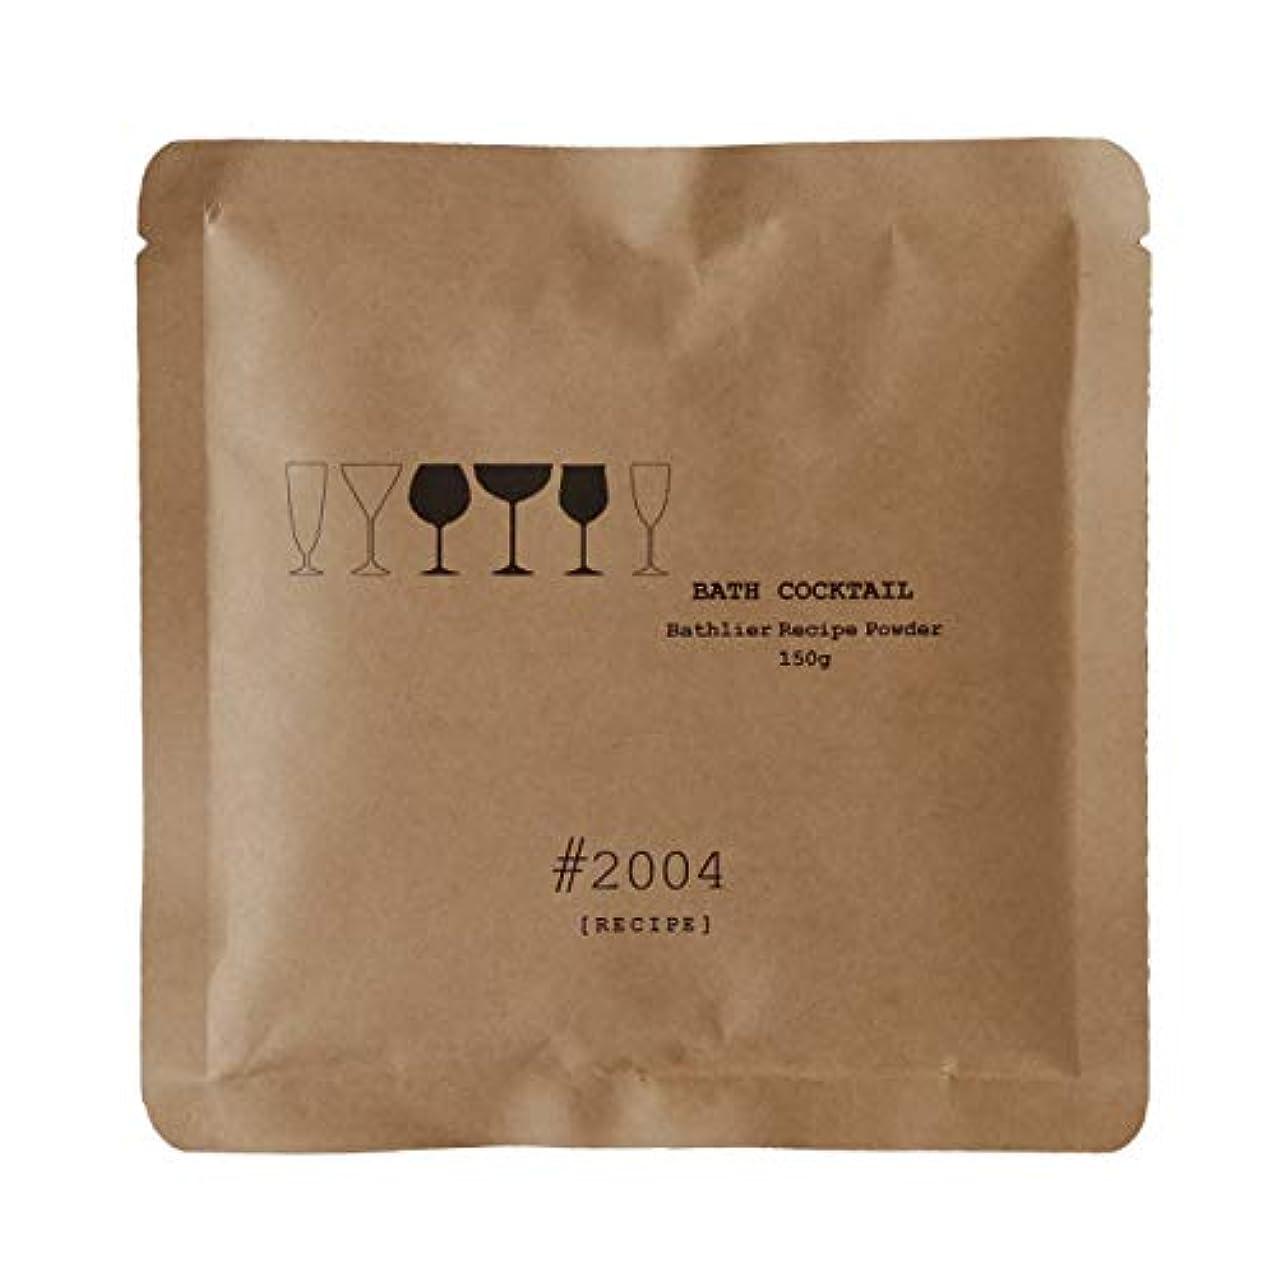 古くなったホールドオール再編成する入浴剤「Bathlier(バスリエ)バスカクテル」バスリエレシピパウダー(150g)#2004